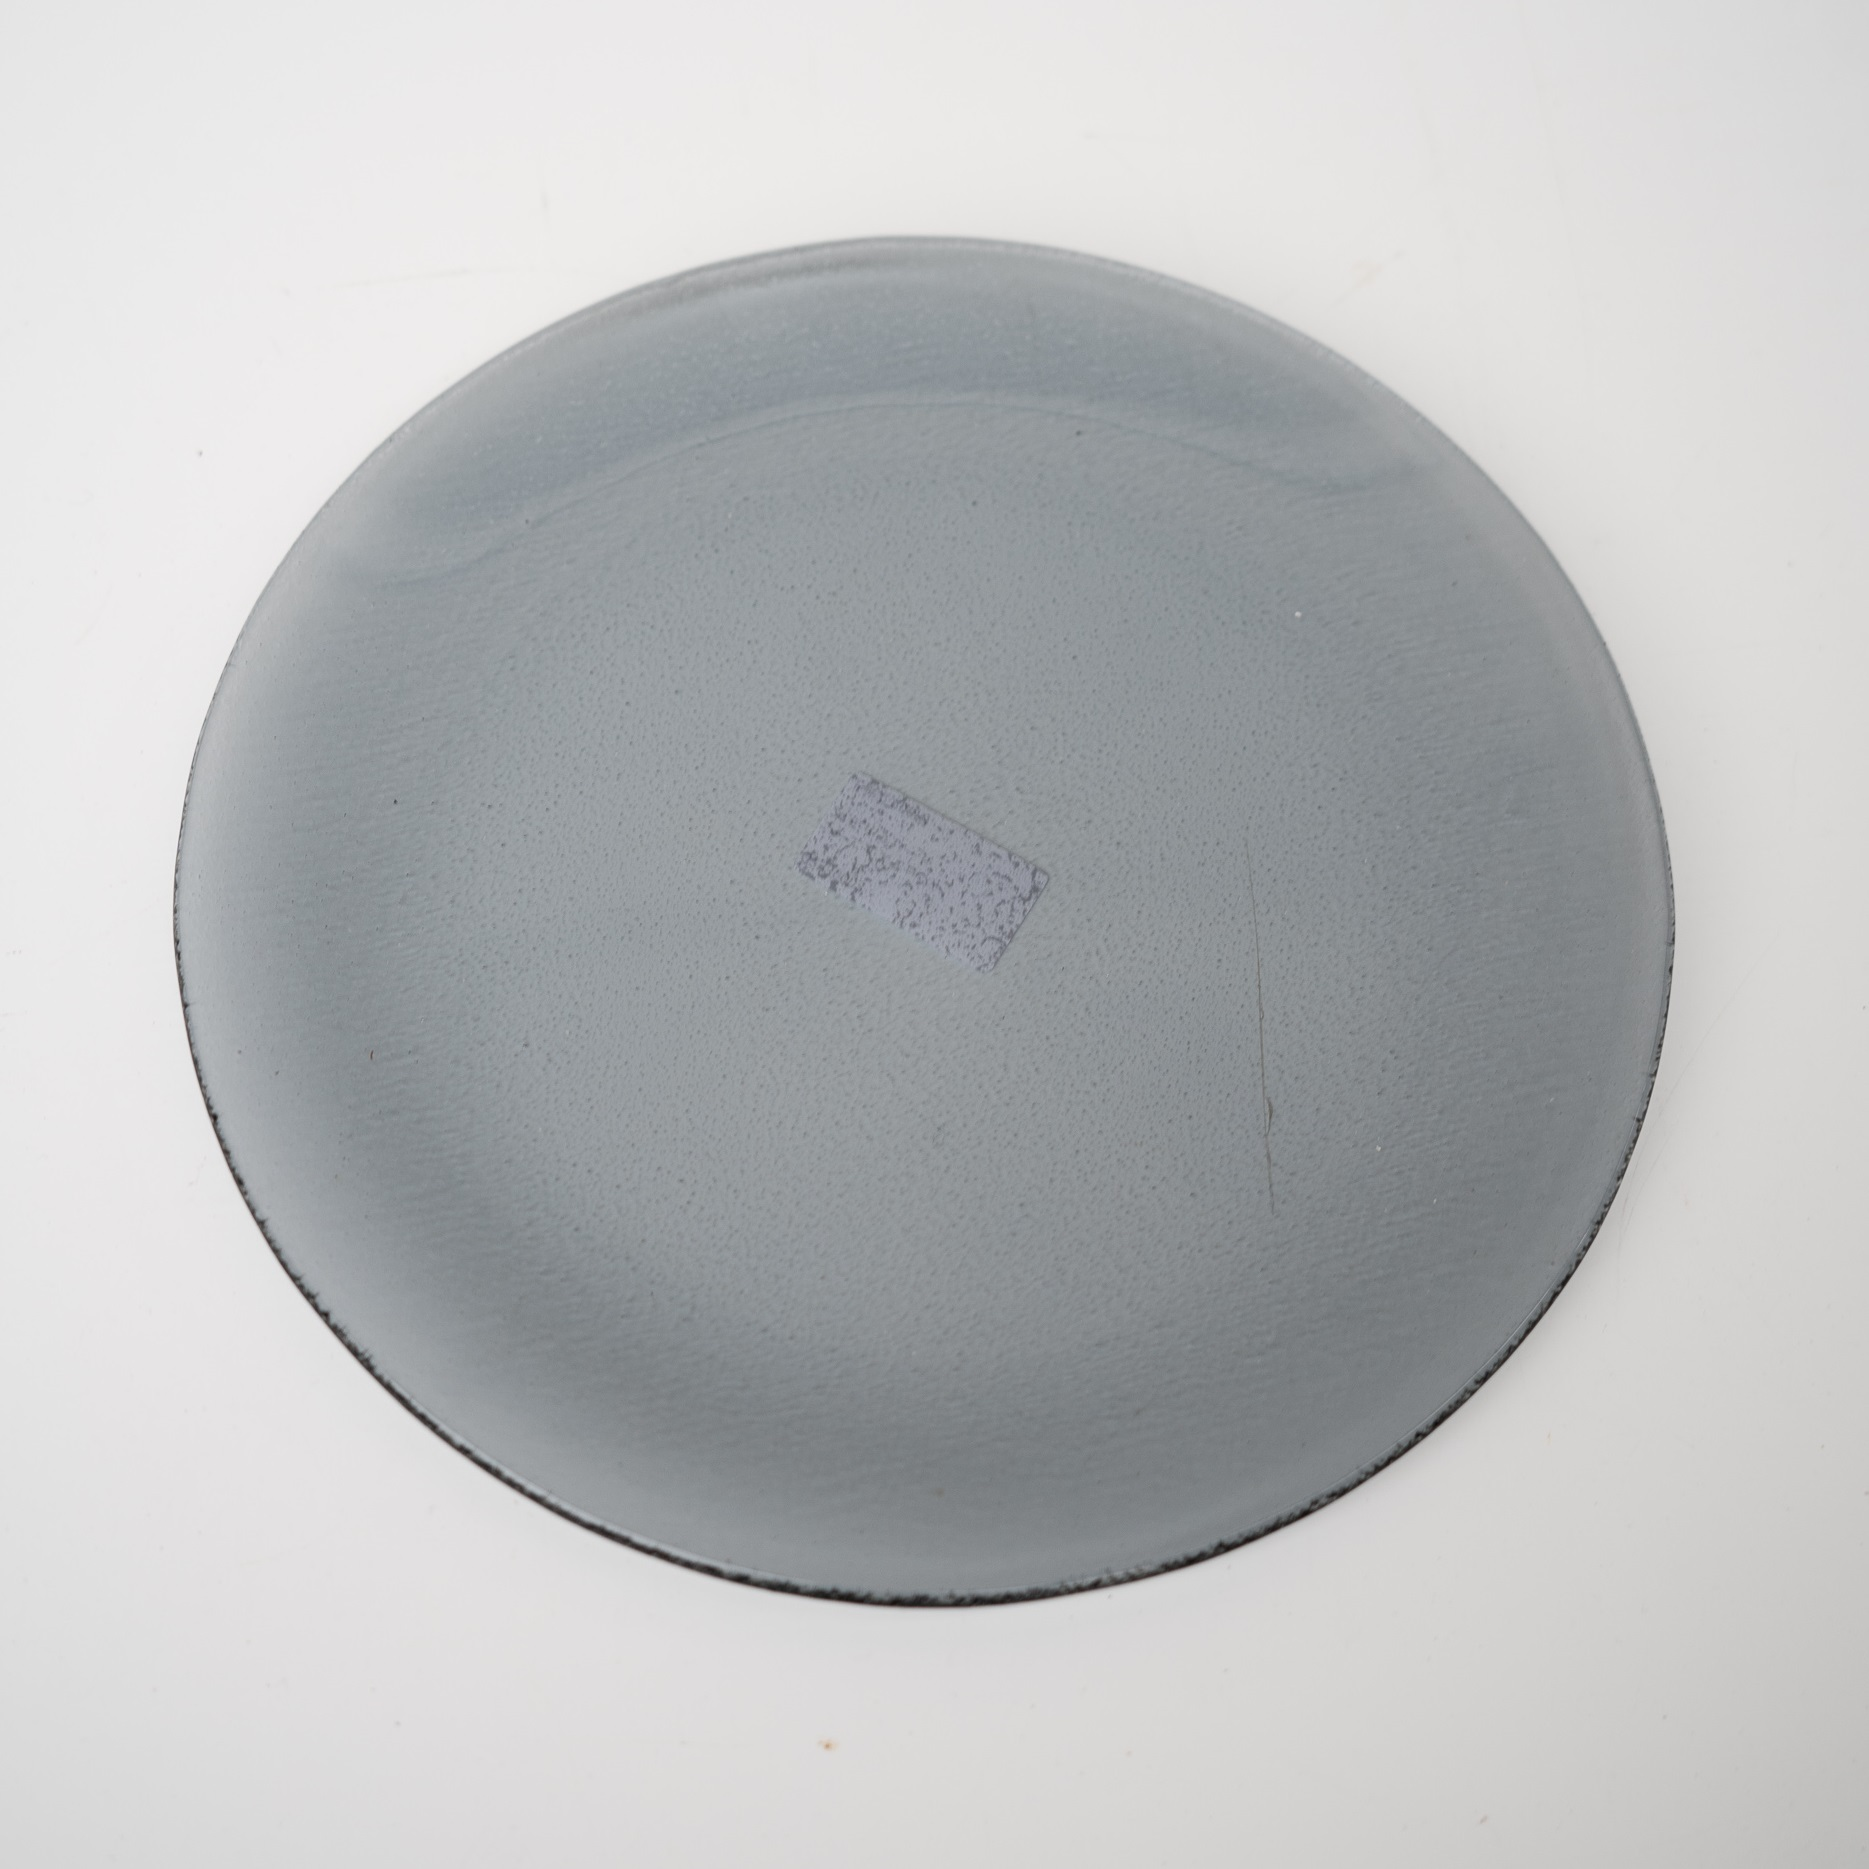 スモークガラス プレート24.5